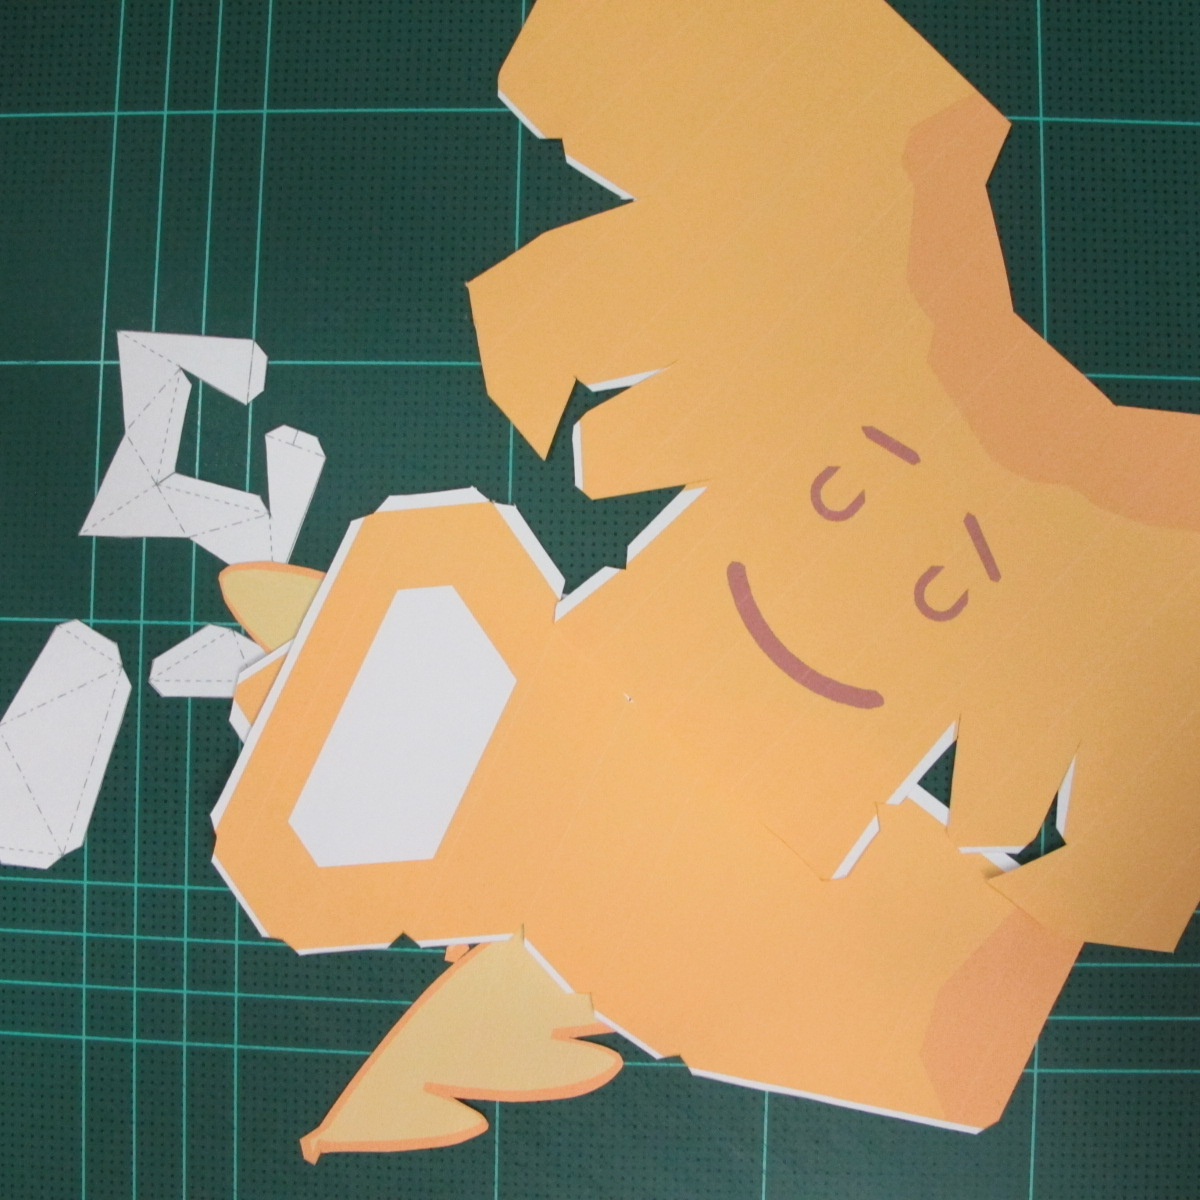 วิธีทำโมเดลกระดาษตุ้กตาสัตว์เลี้ยง หยดทองจากเกมส์ คุกกี้รัน (LINE Cookie Run Gold Drop Papercraft Model - クッキーラン  「黄金ドロップ」 ペーパークラフト) 001